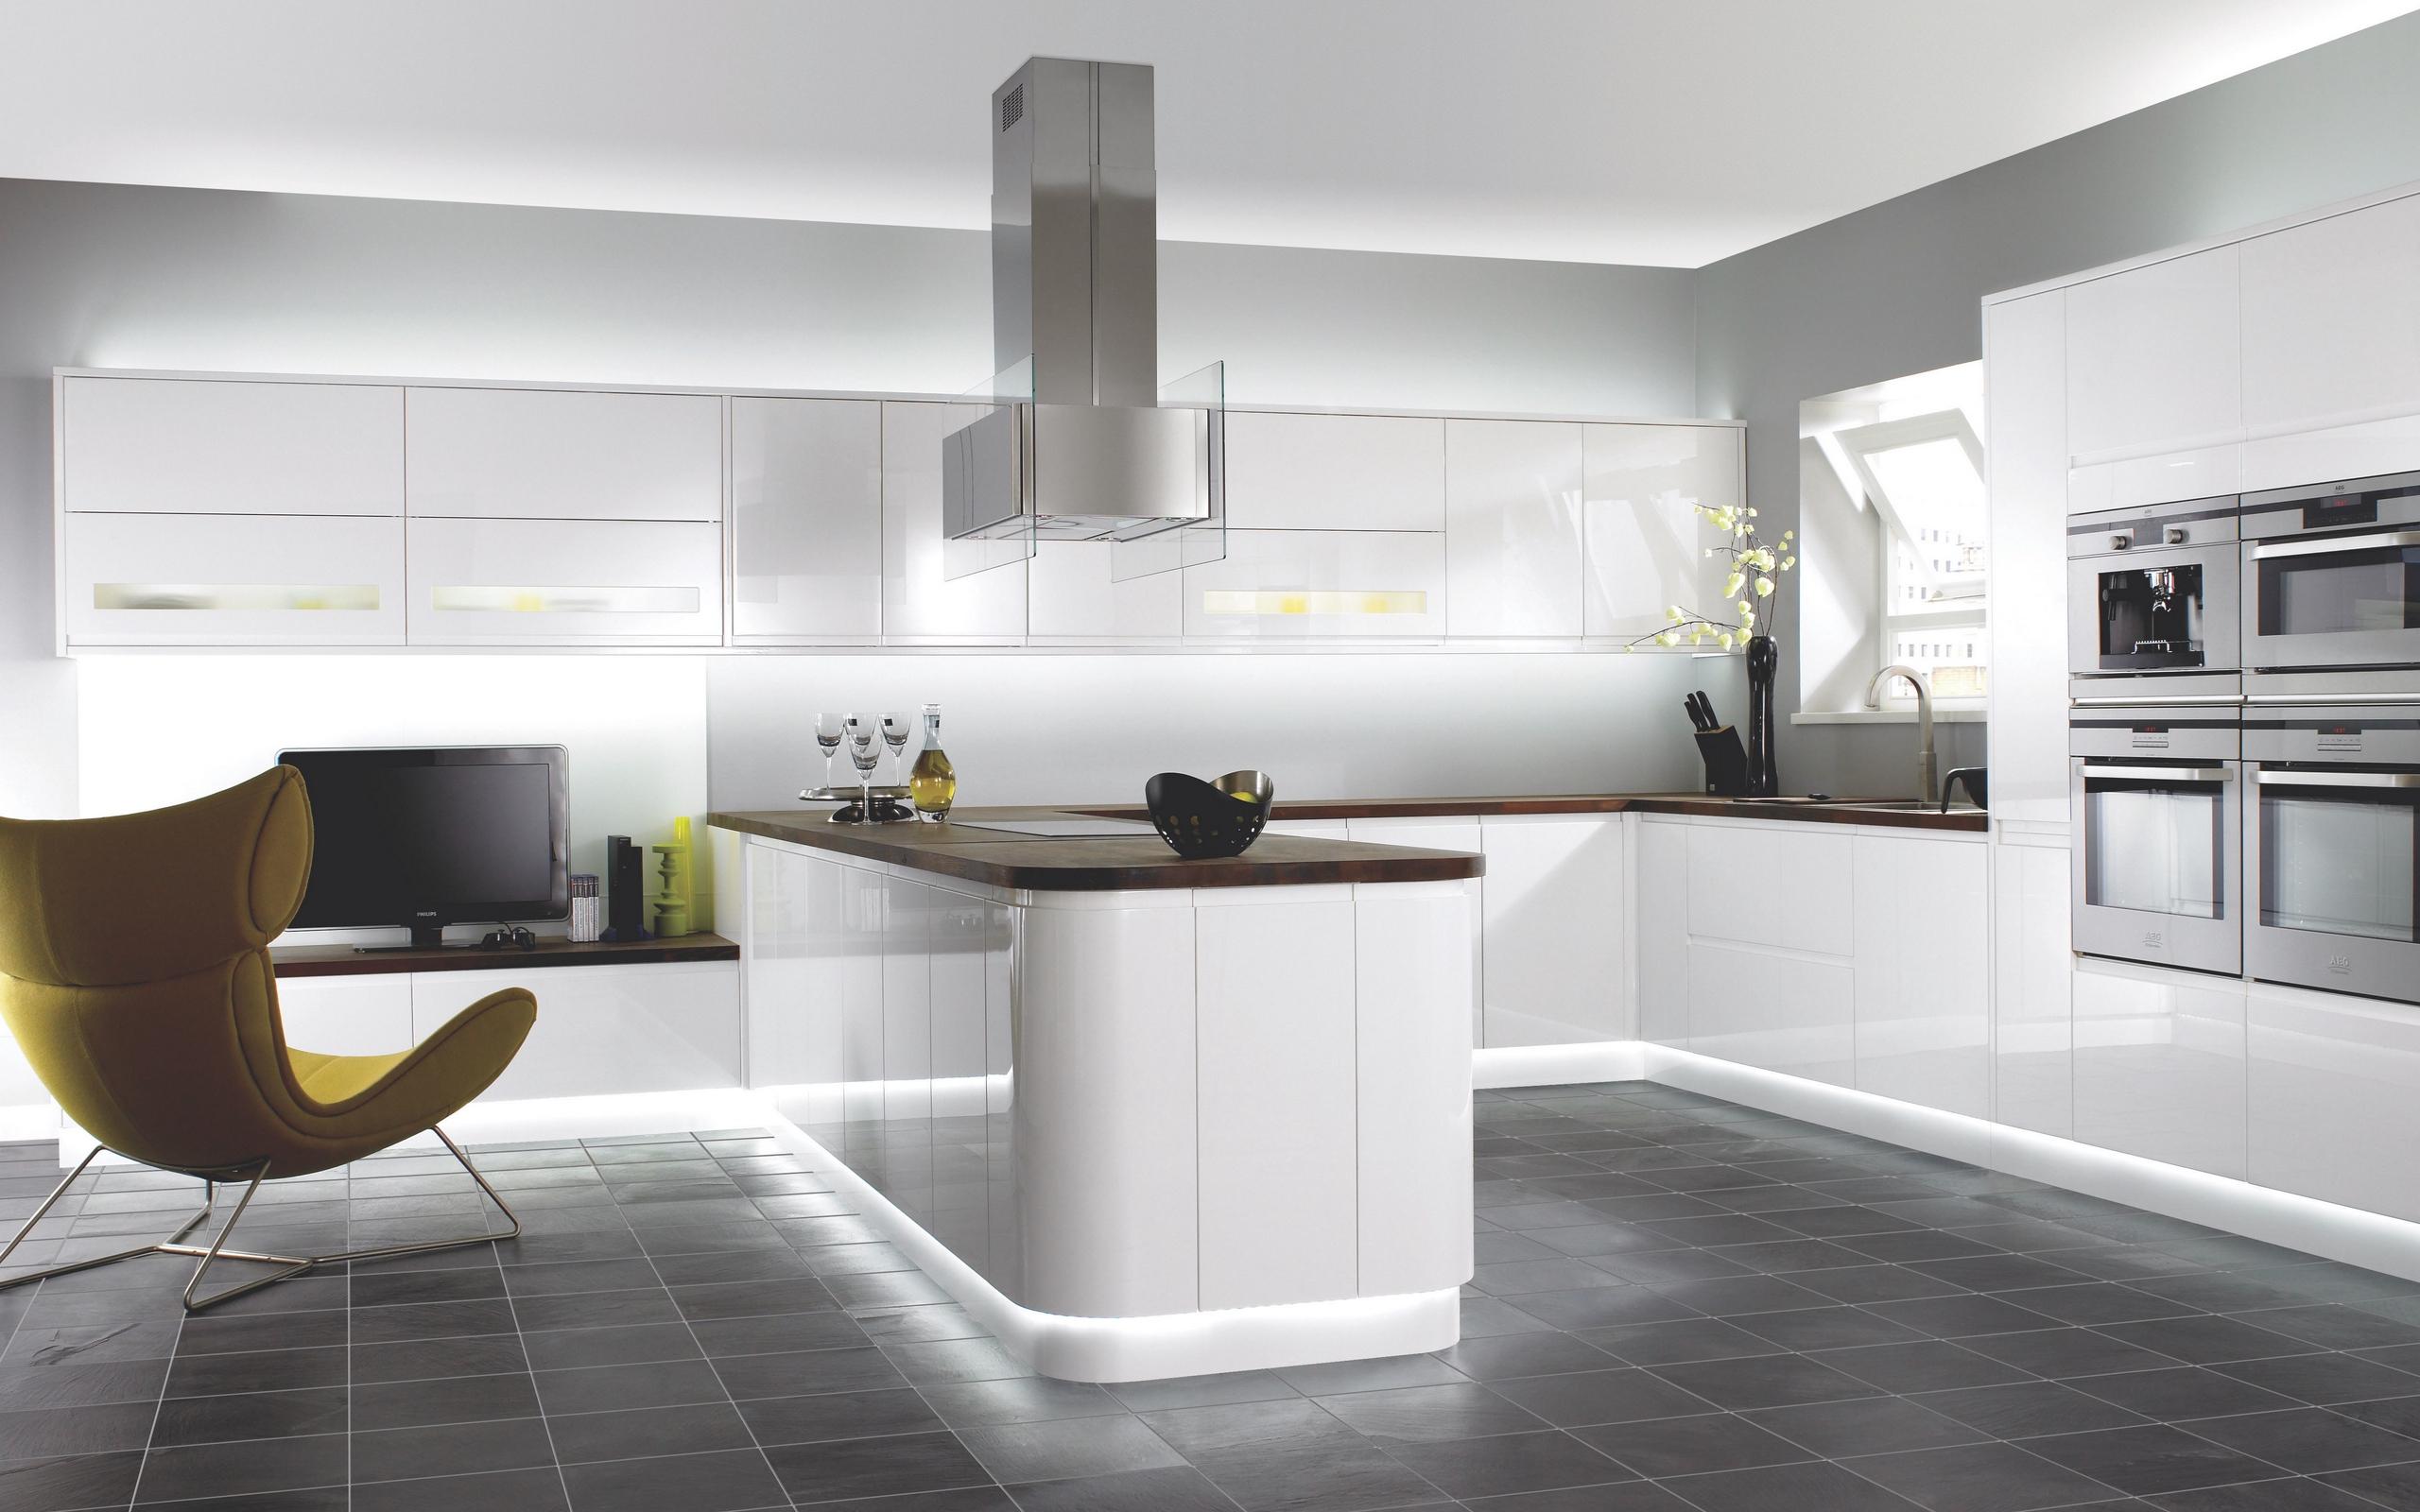 Визуальное расширение пространства - одно из преимуществ белой кухни